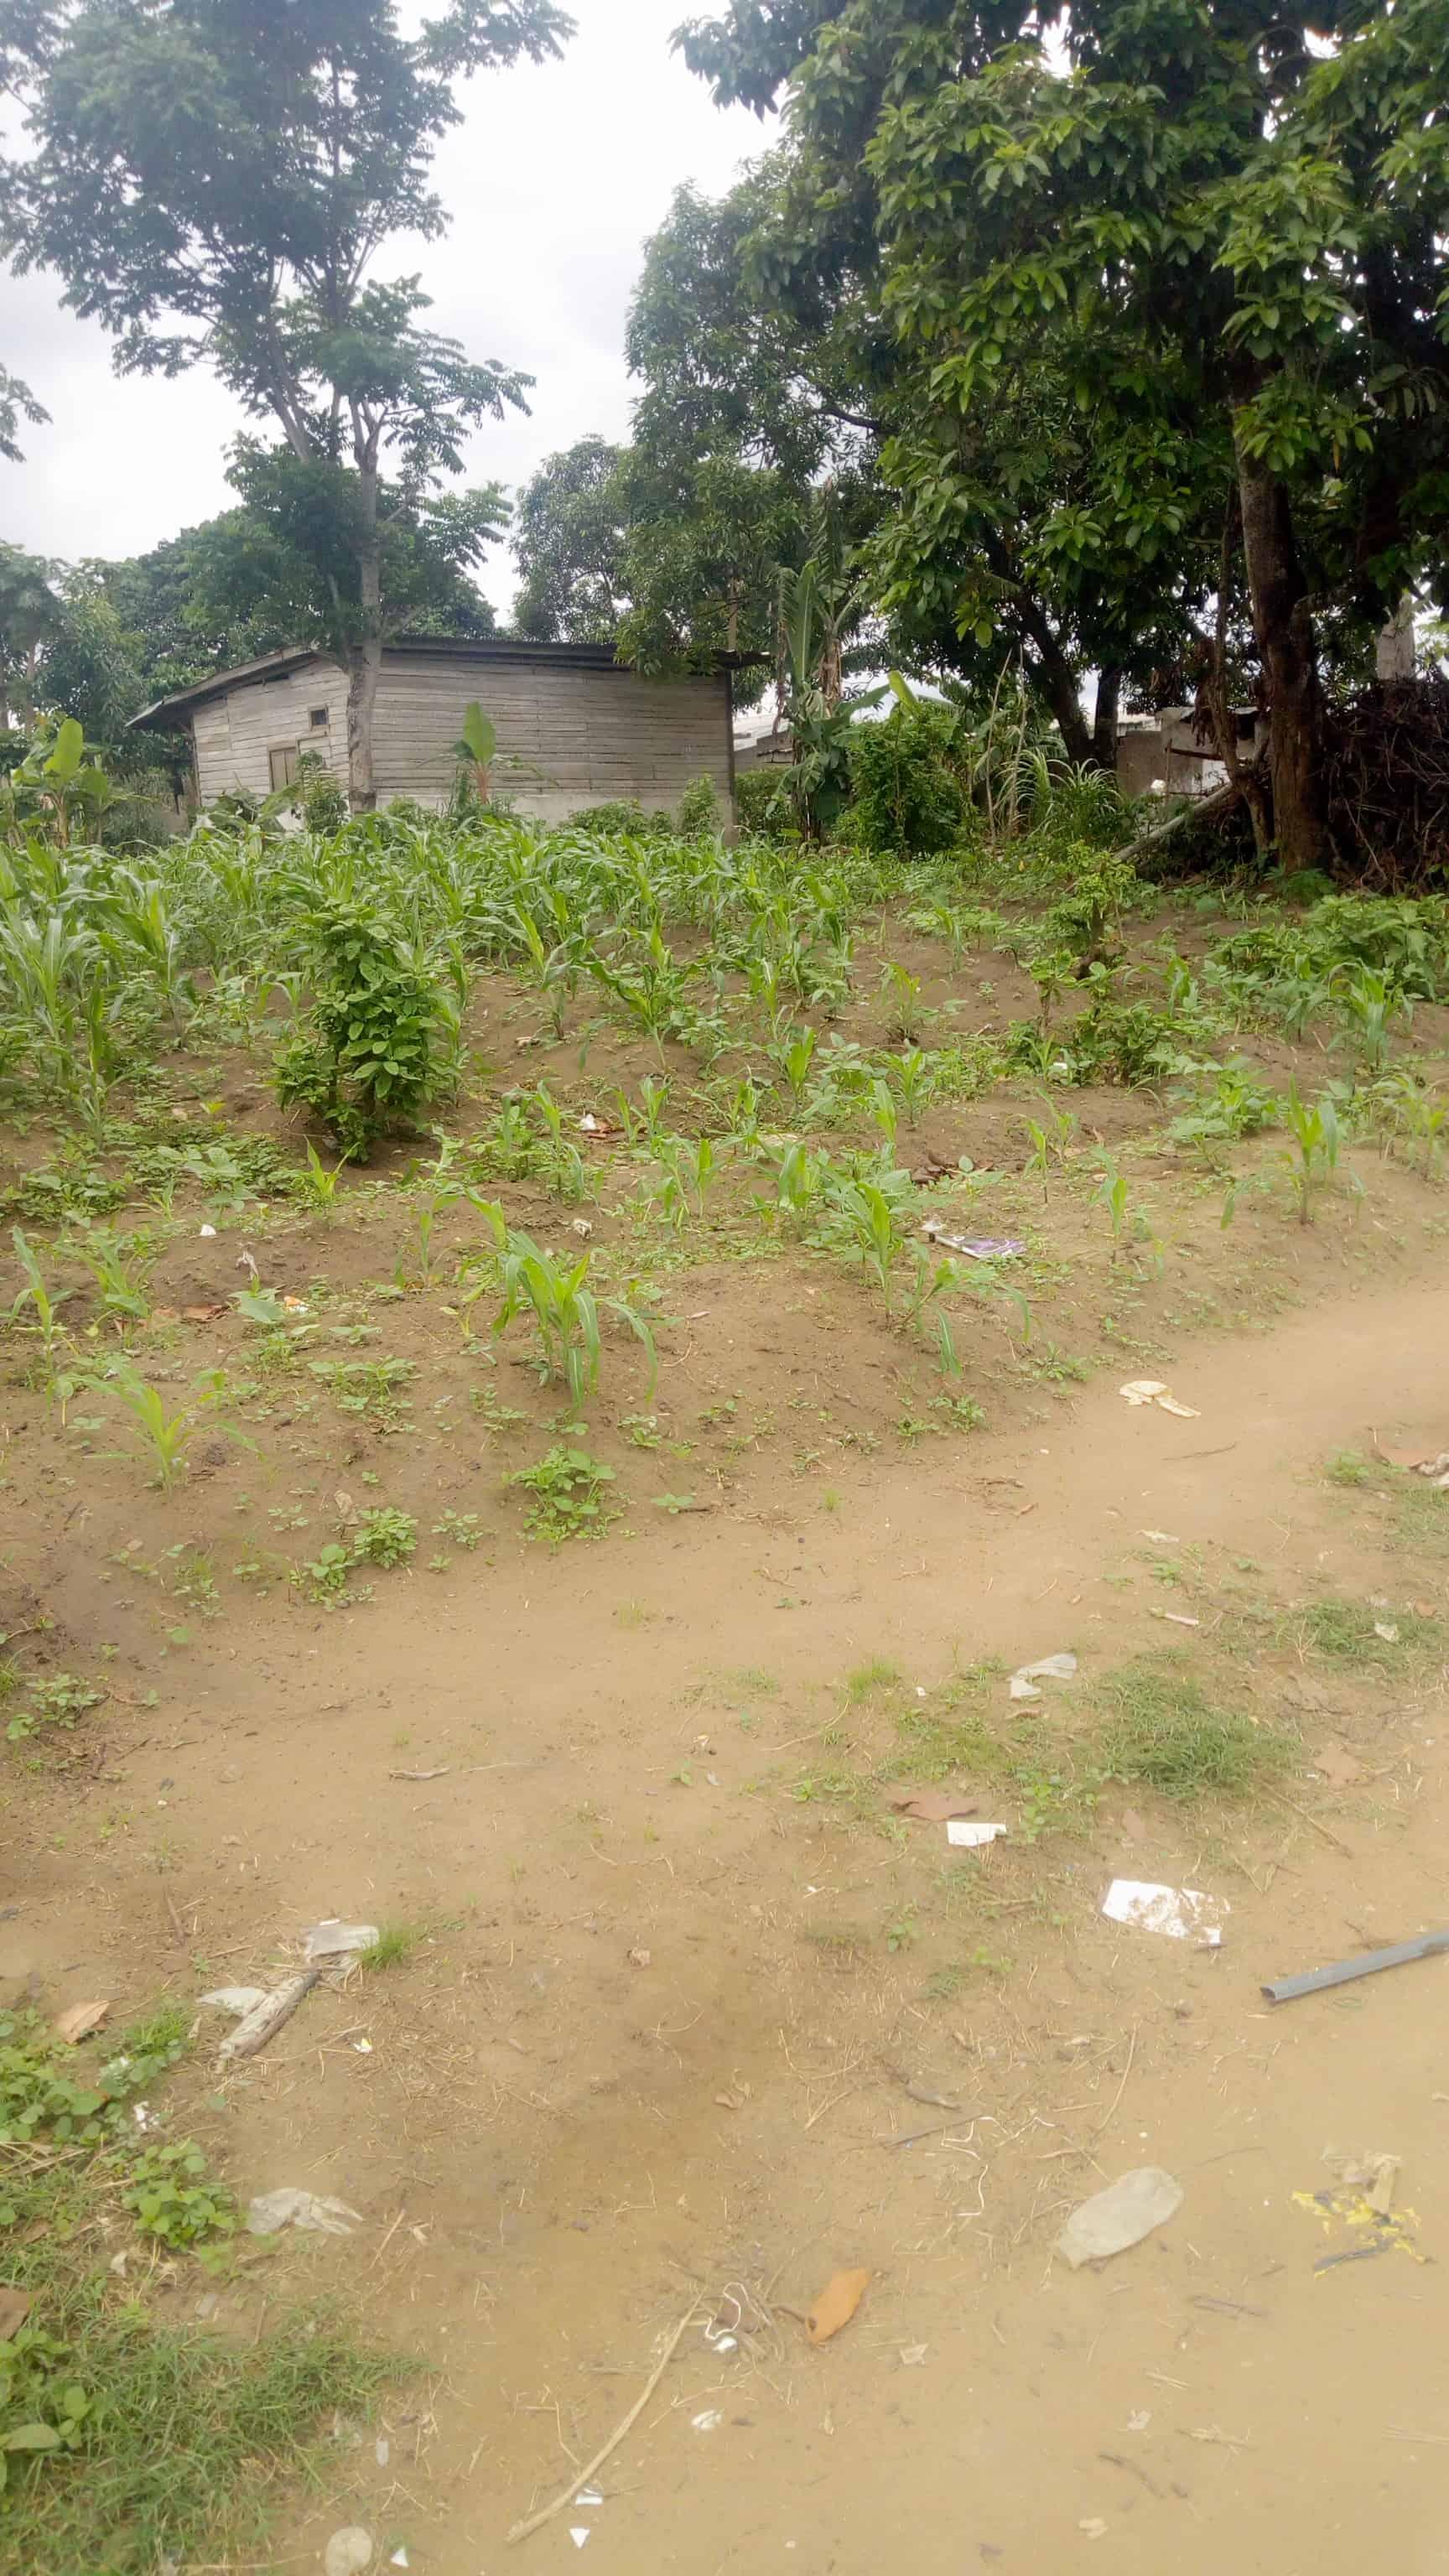 Land for sale at Douala, PK 19, Dans le quartier - 1000 m2 - 50 000 000 FCFA